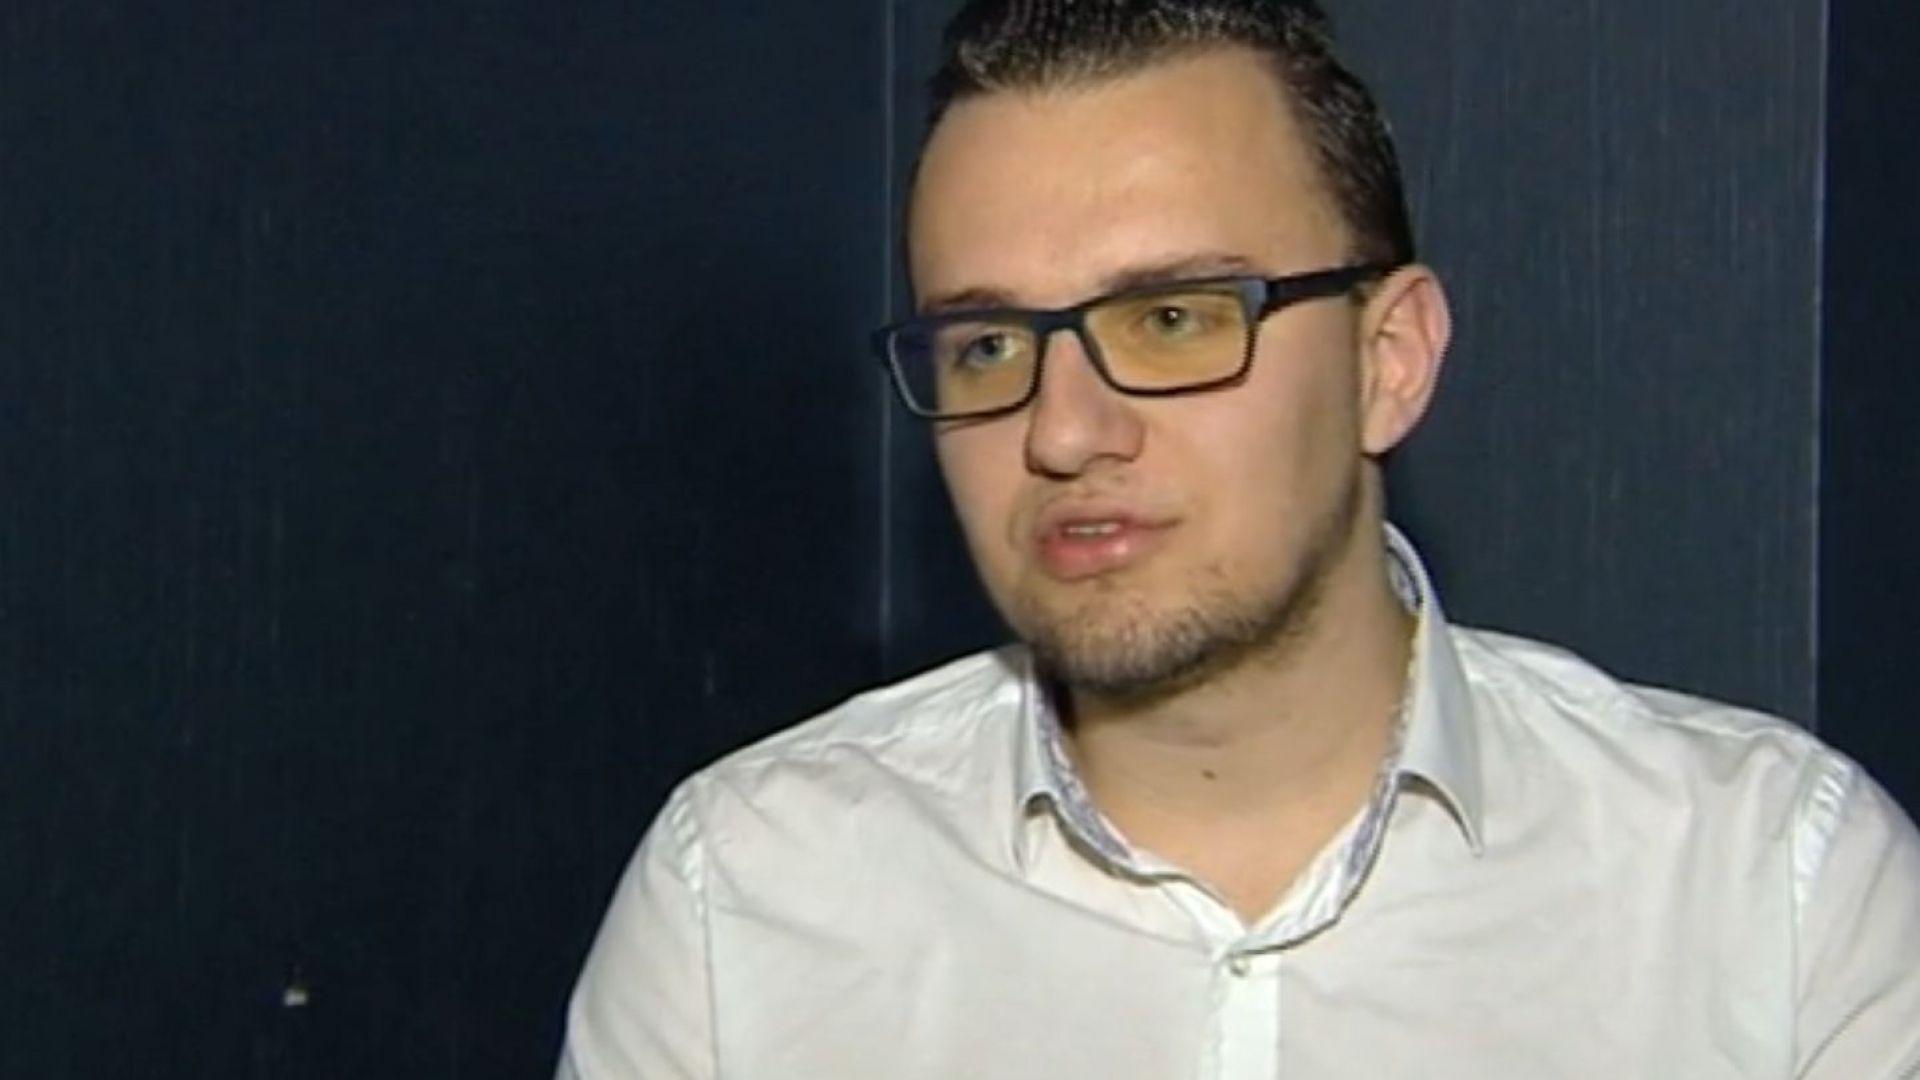 Задържаният за атаката срещу НАП показва как се крадат данни от банкова сметка (видео)